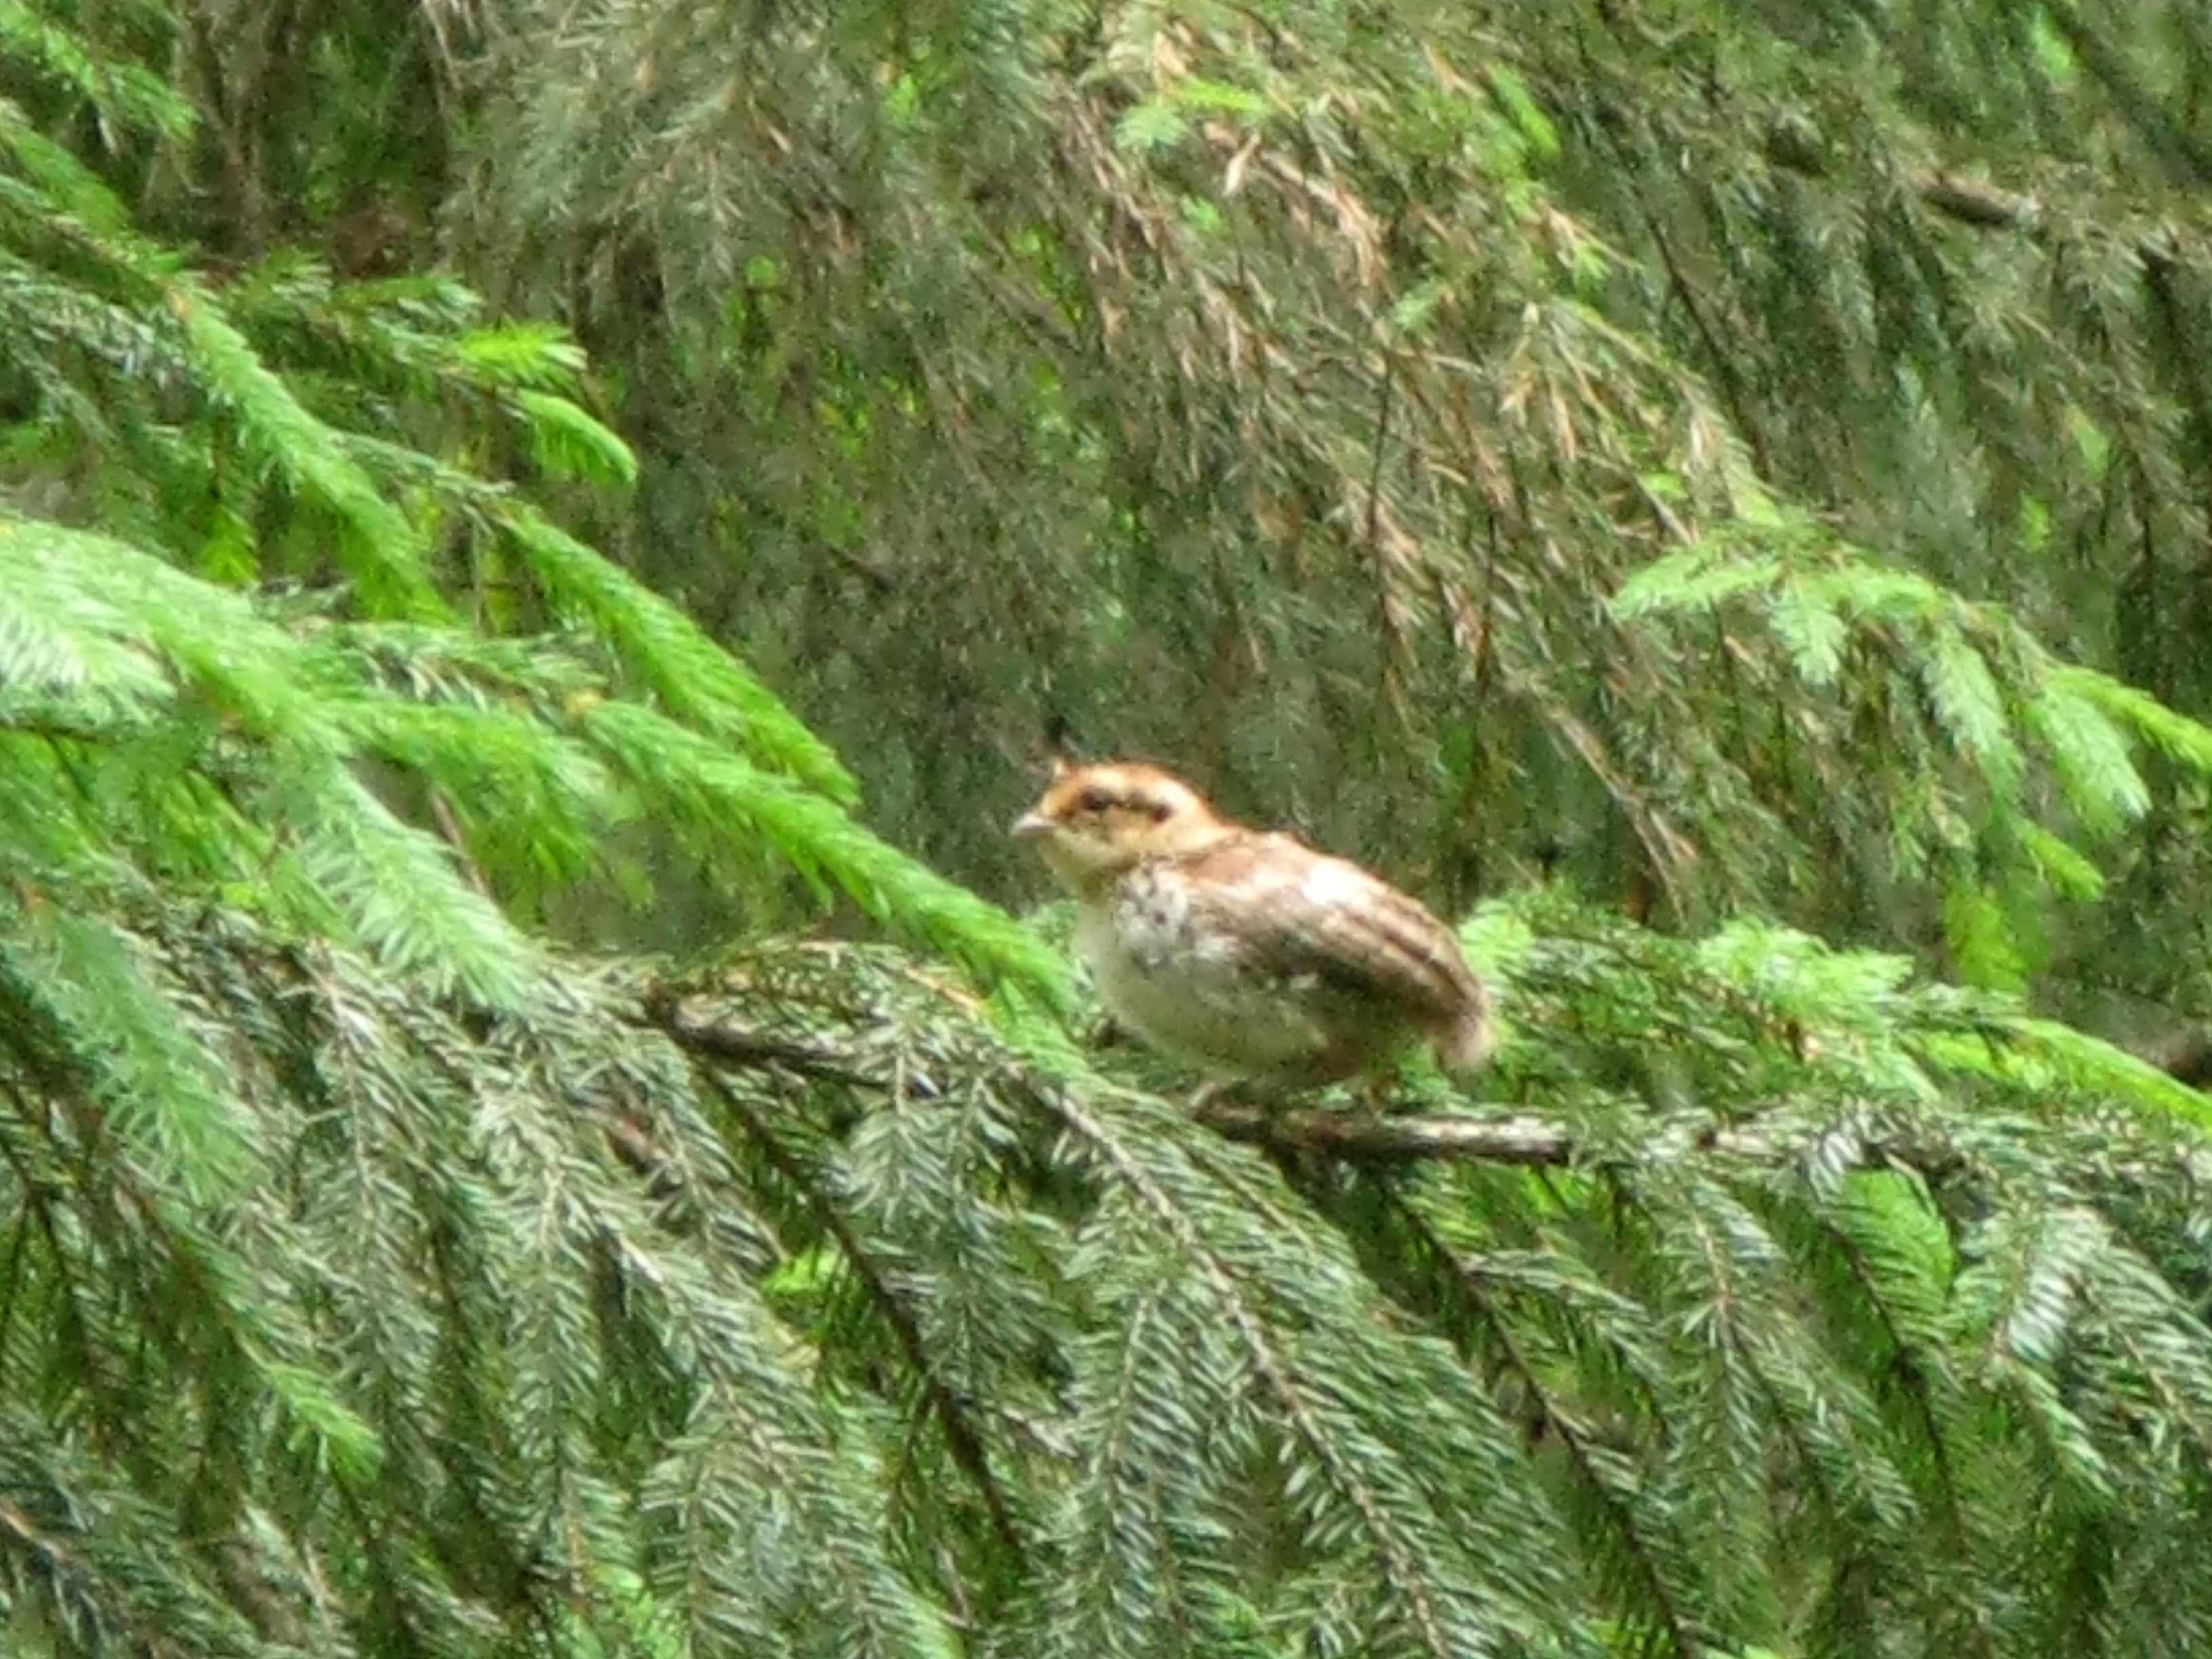 Рябчик - пугливая лесная птица и снять его довольно непросто из-за мешающих ветвей. Встречается он нередко, но, как правило, замечаешь его, когда он, хлопая крыльями, уже уносится прочь... Автор фото: Кудрявцева Татьяна